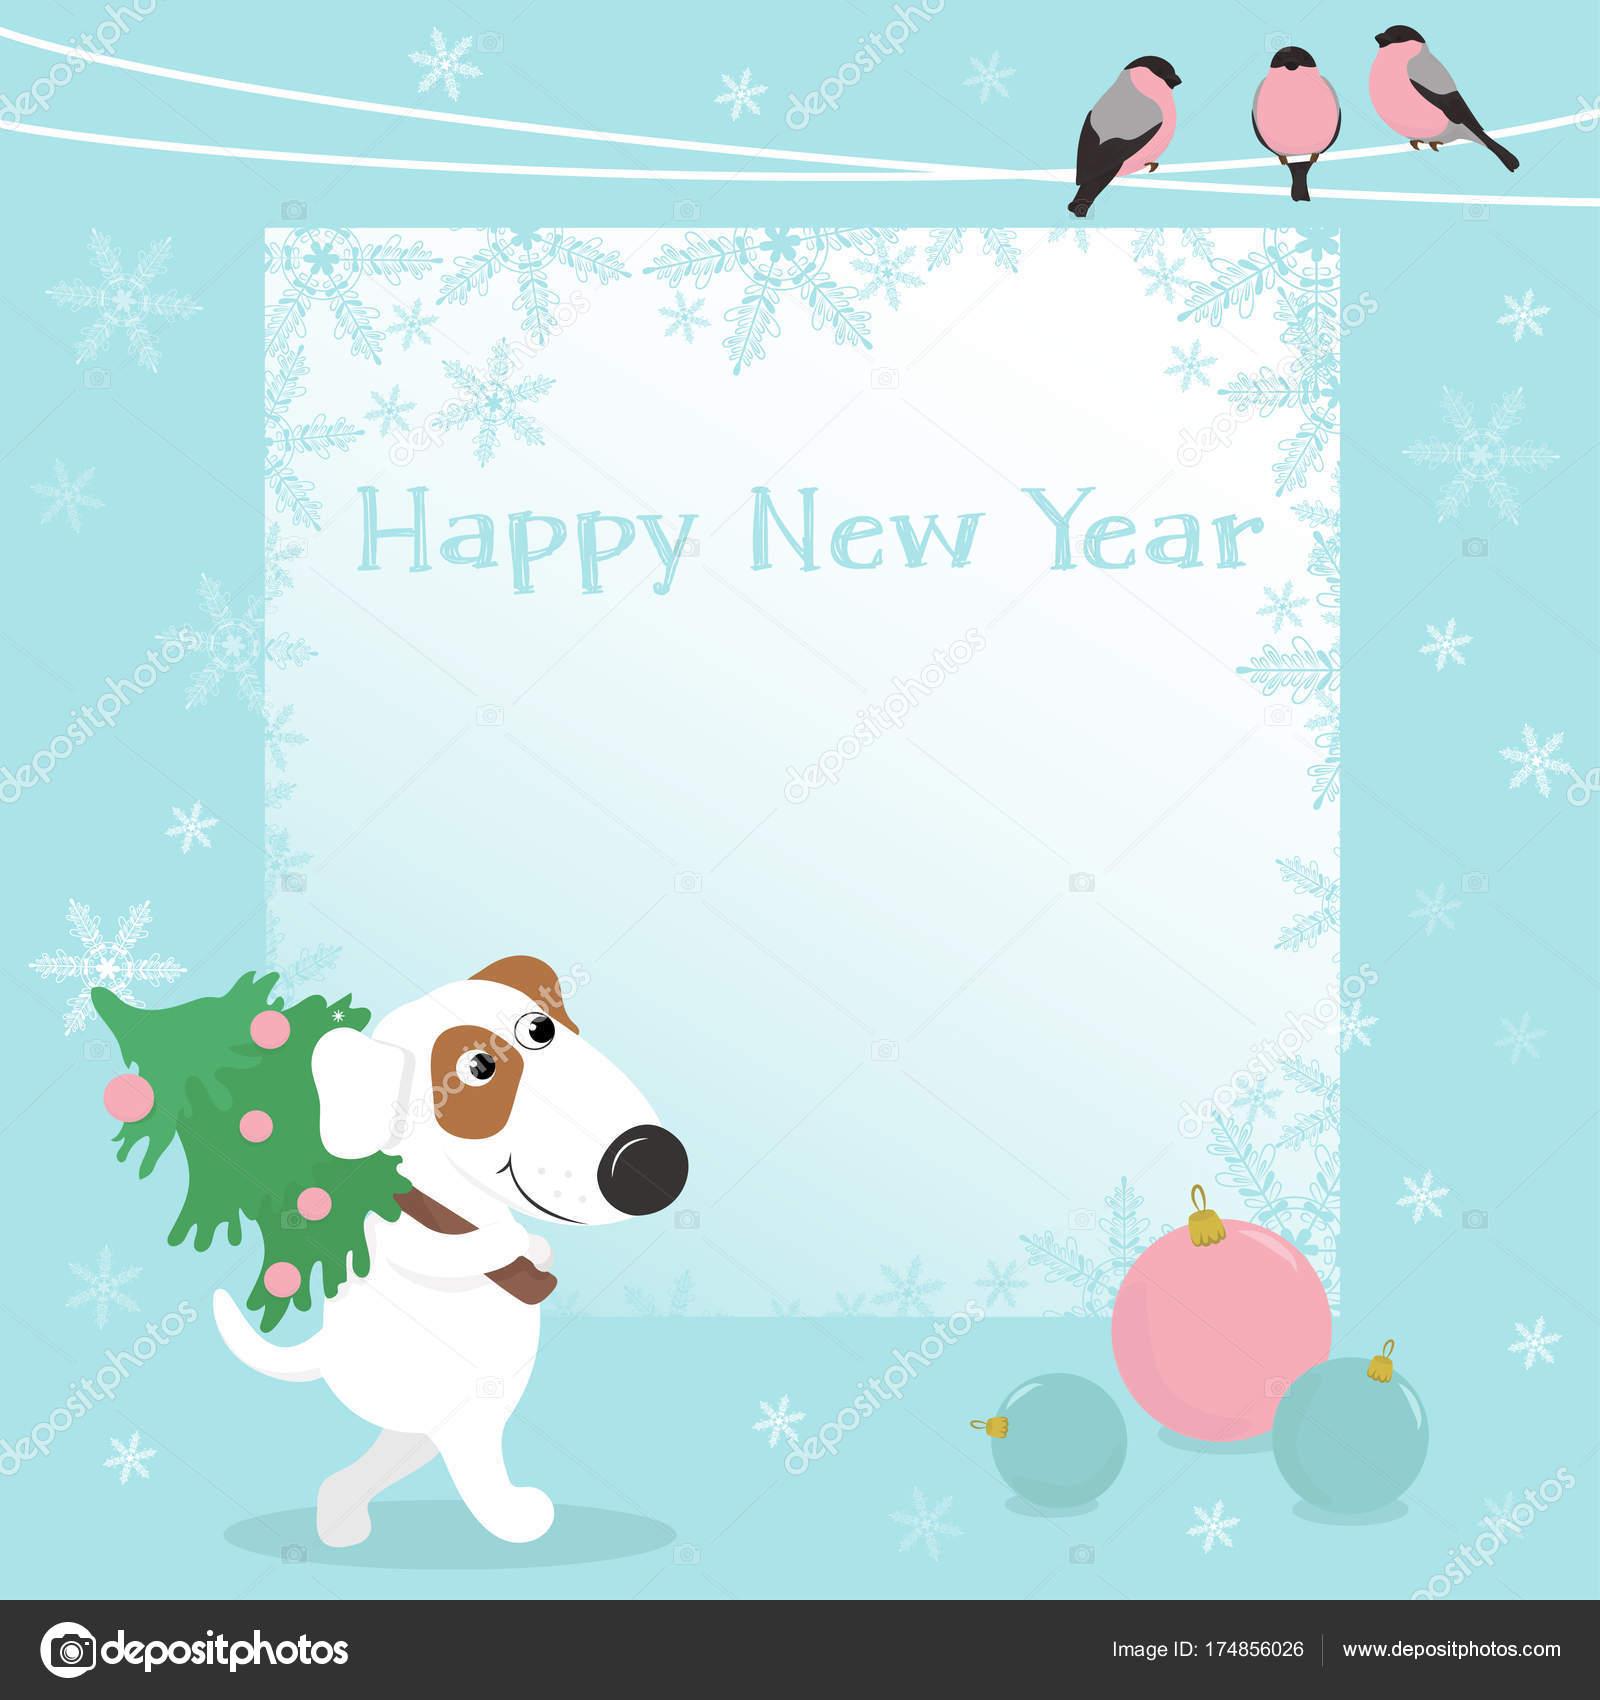 Christmas Card With Funny Dog And Christmas Balls Stock Vector